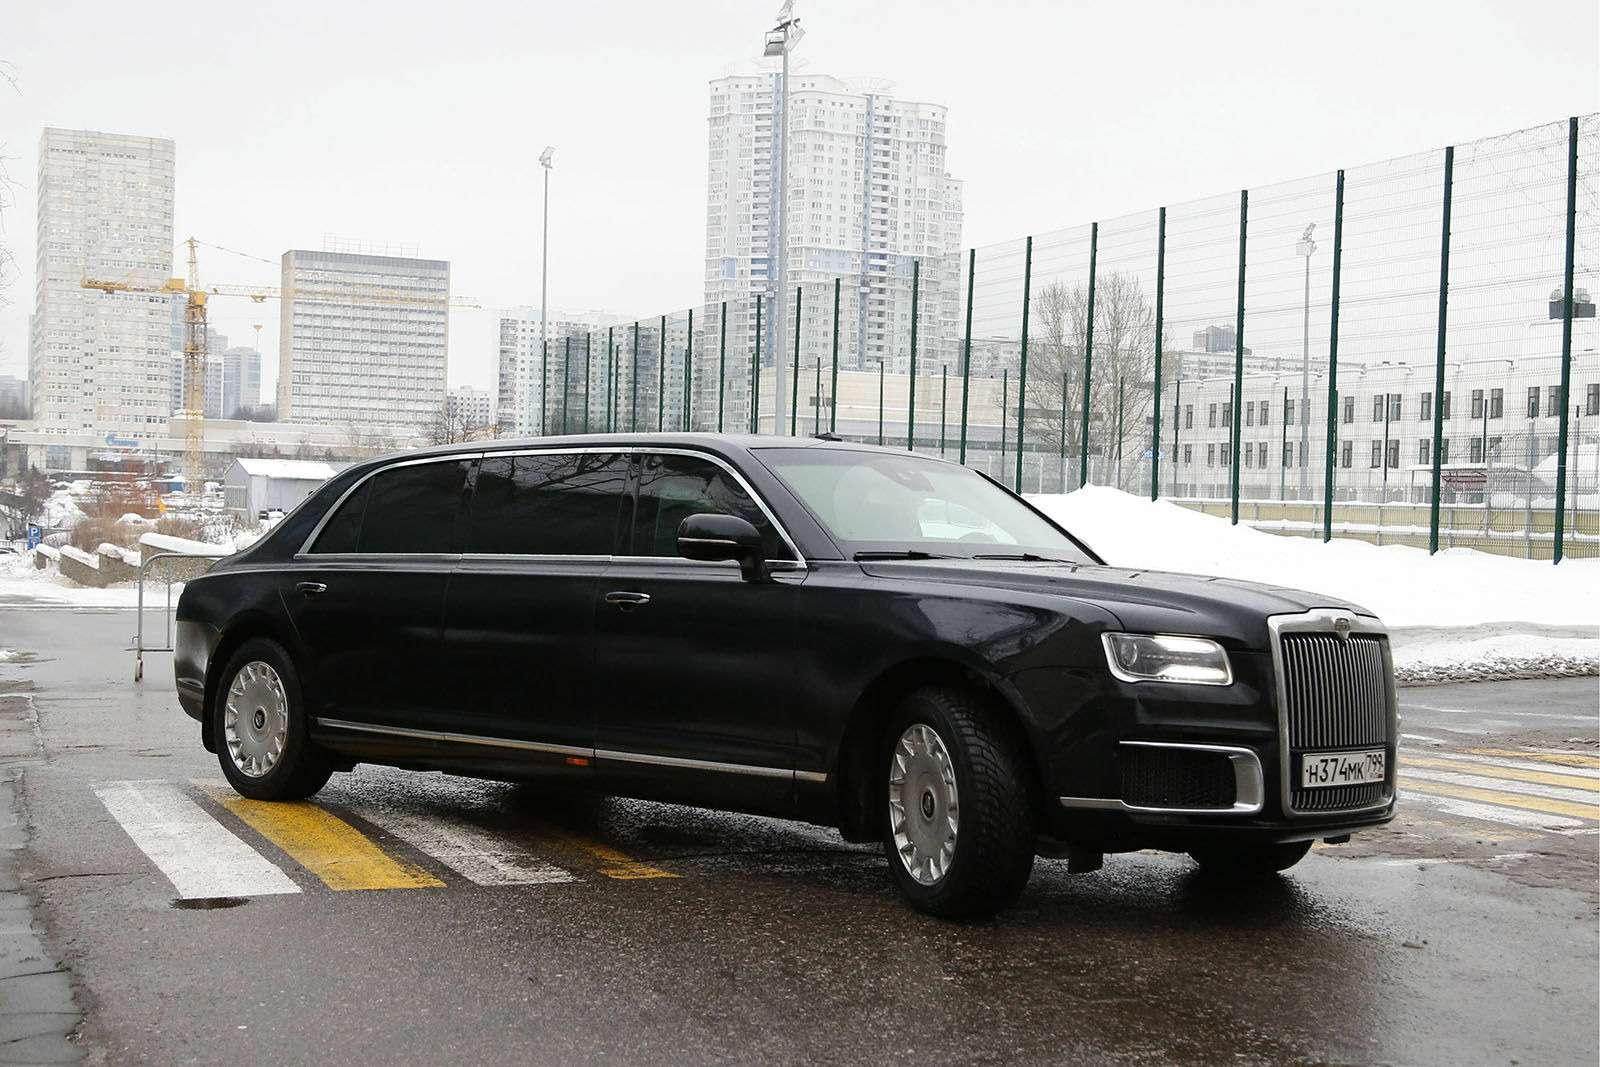 Любимые машины Дмитрия Медведева: откомбайна доАуруса— фото 945816